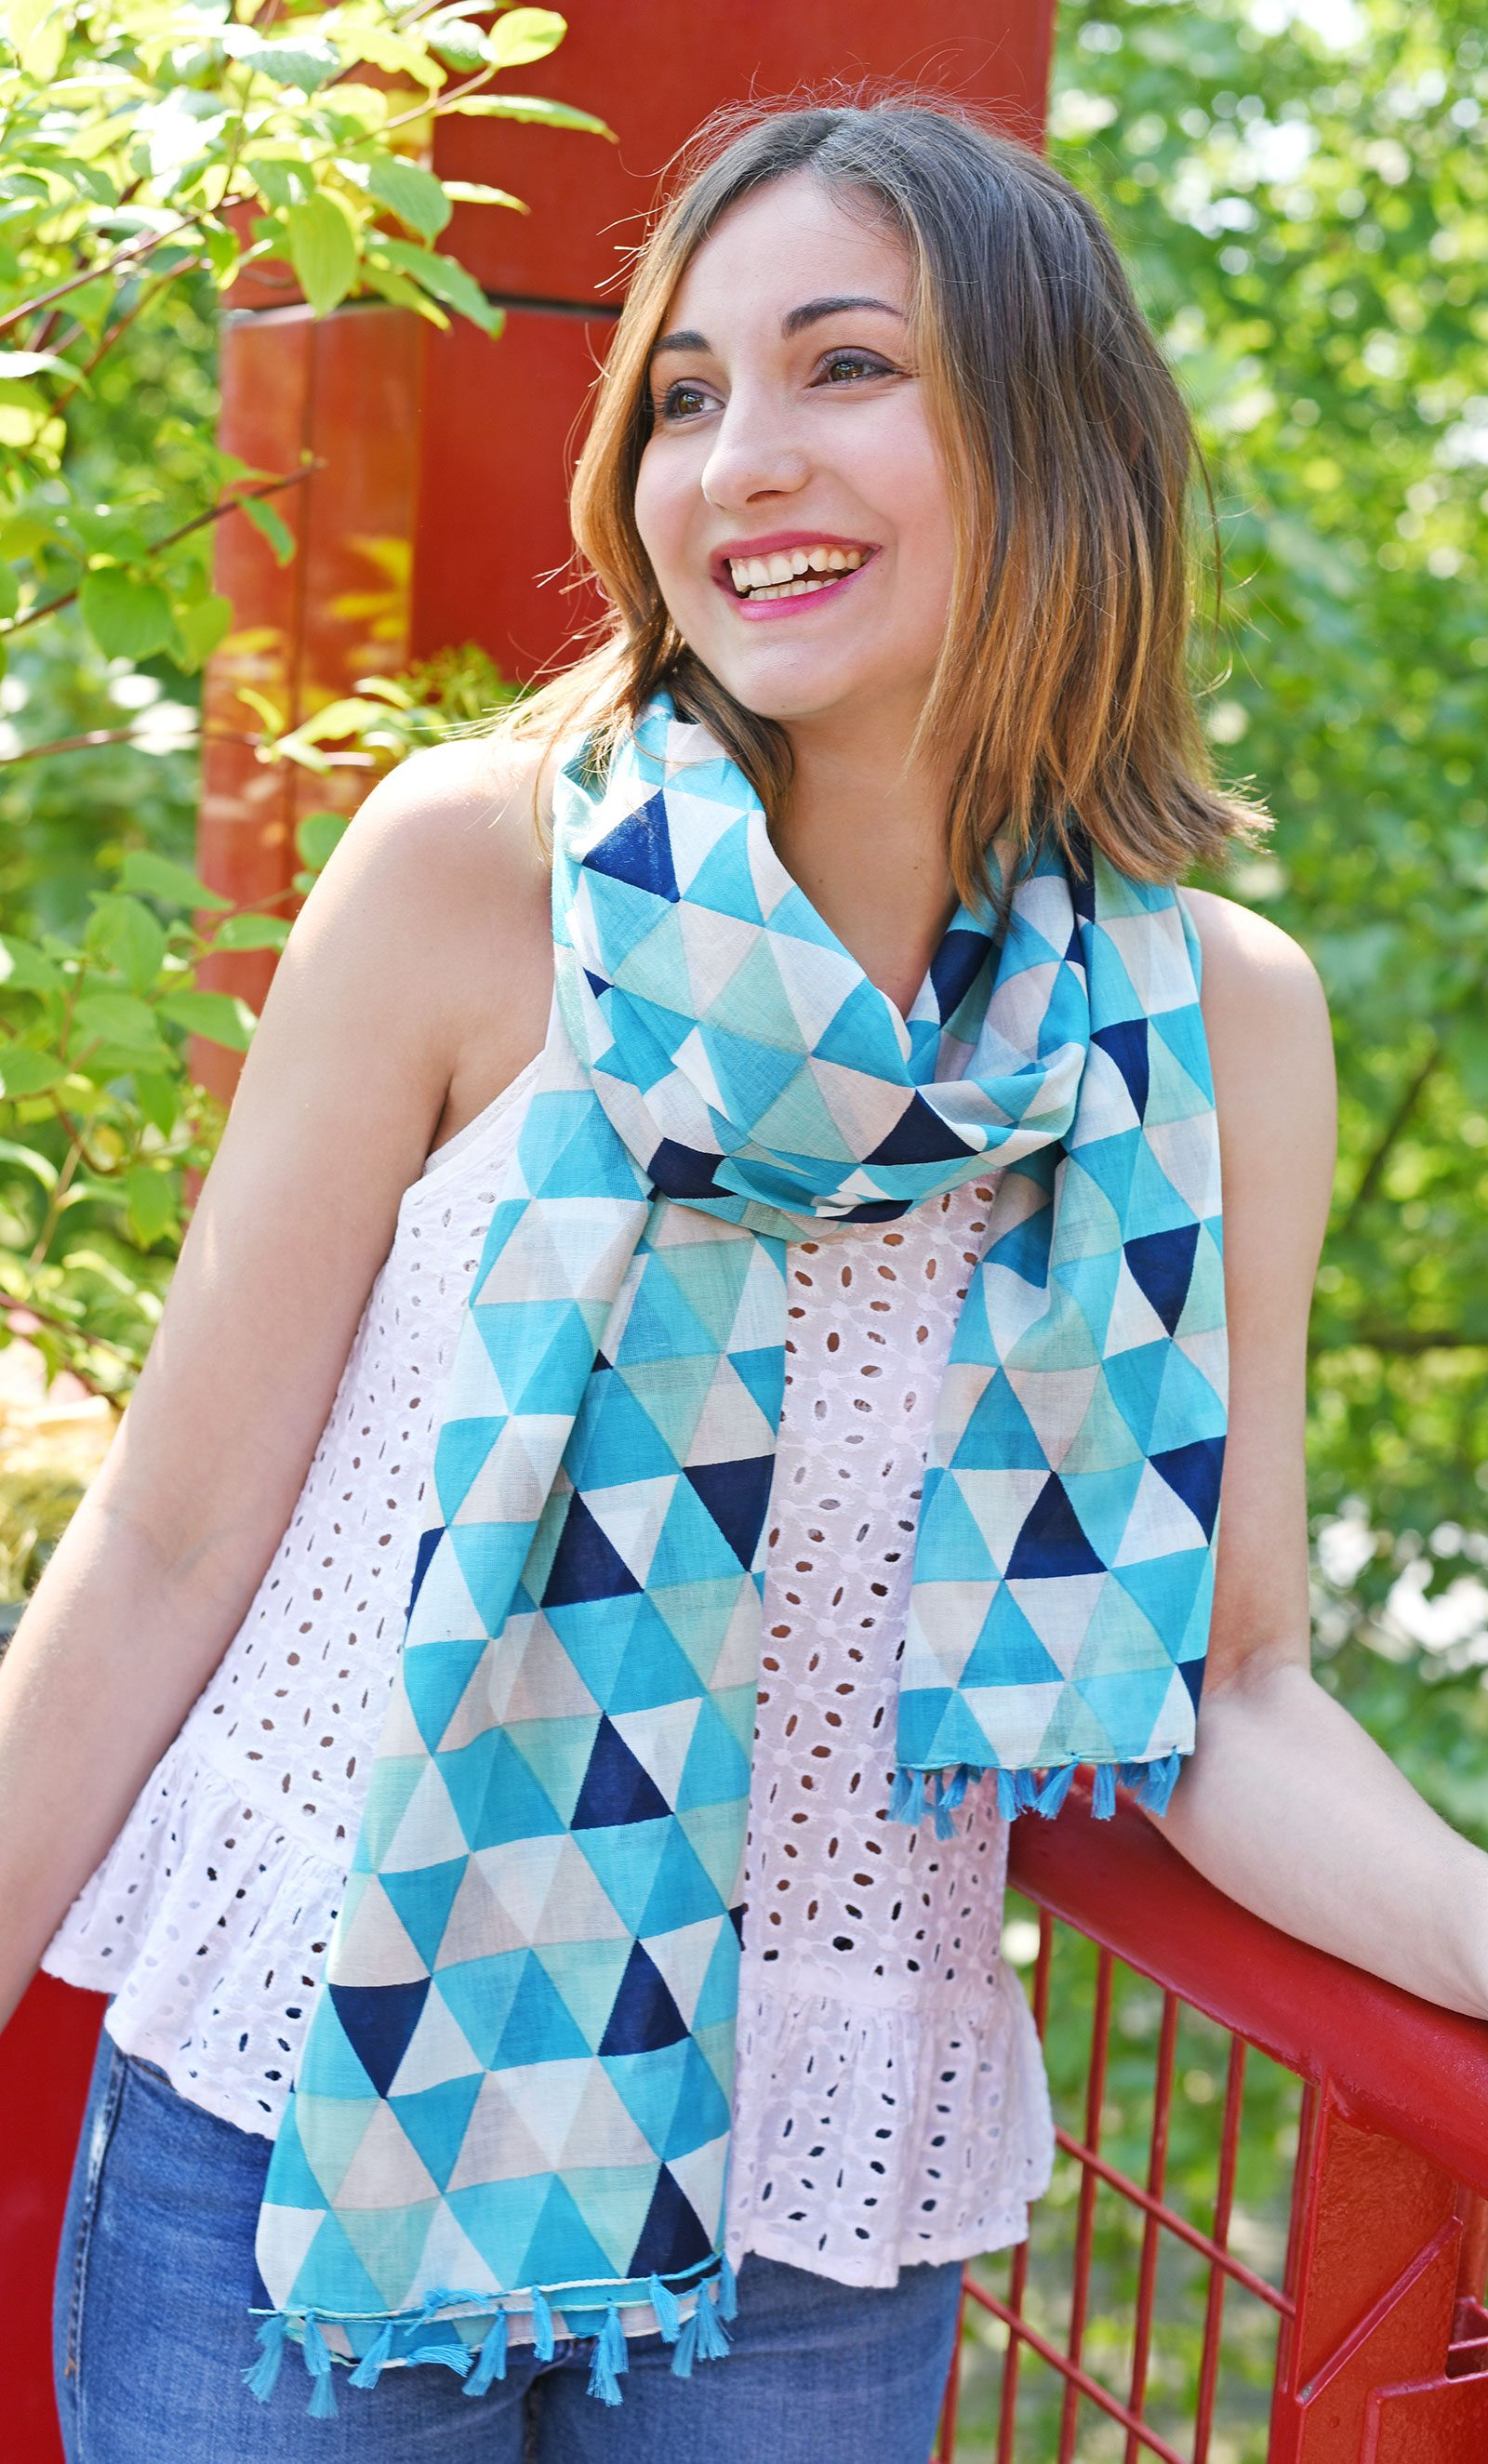 http://lookbook.allee-du-foulard.fr/wp-content/uploads/2018/06/0679-ADF-Accessoires-de-mode-LB-Coll_geometrique-angelu-bleu-1-1600x2650.jpg